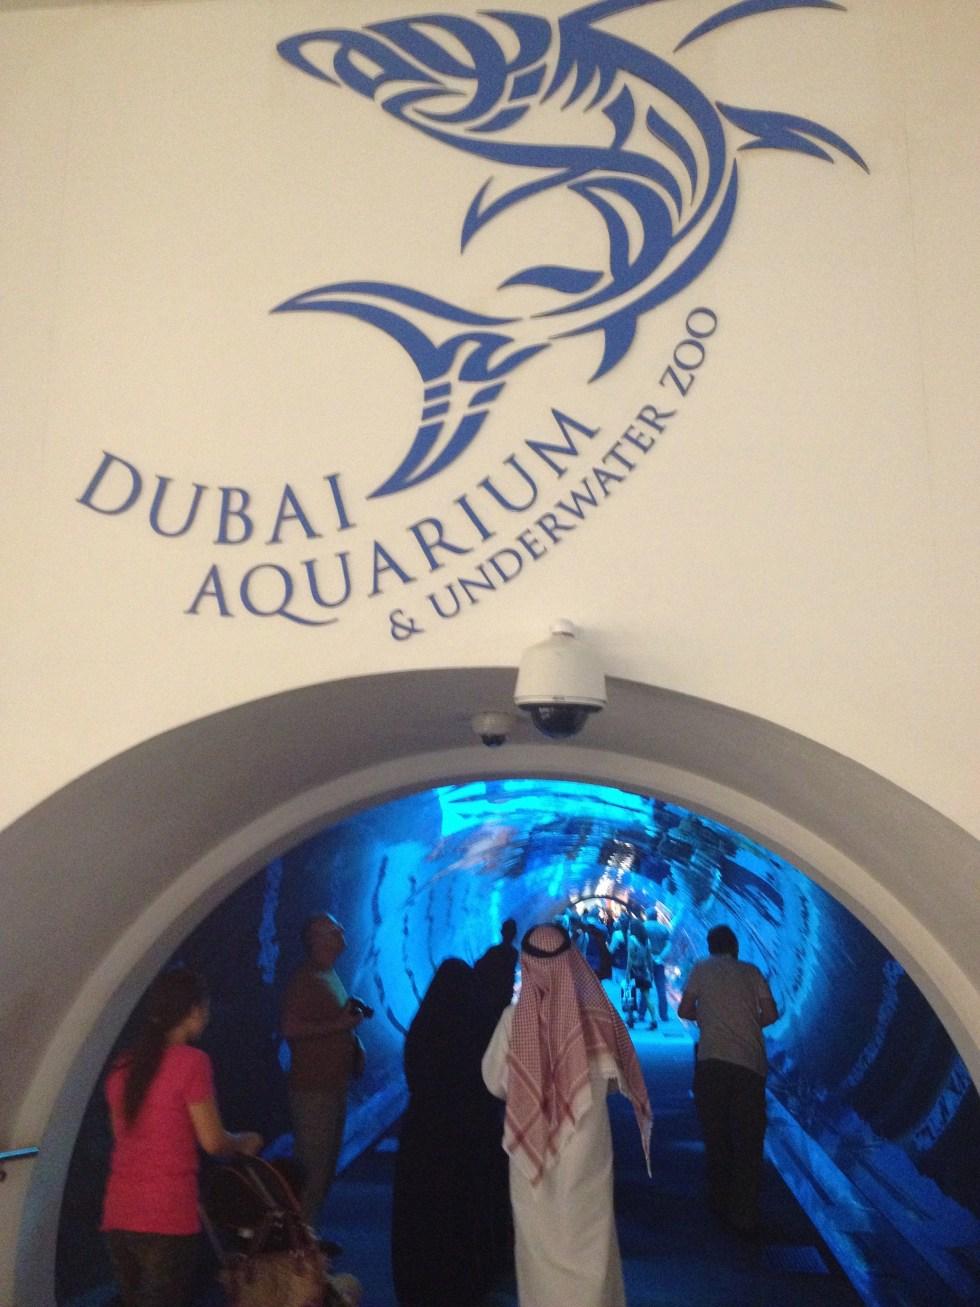 Dubai best aquarium